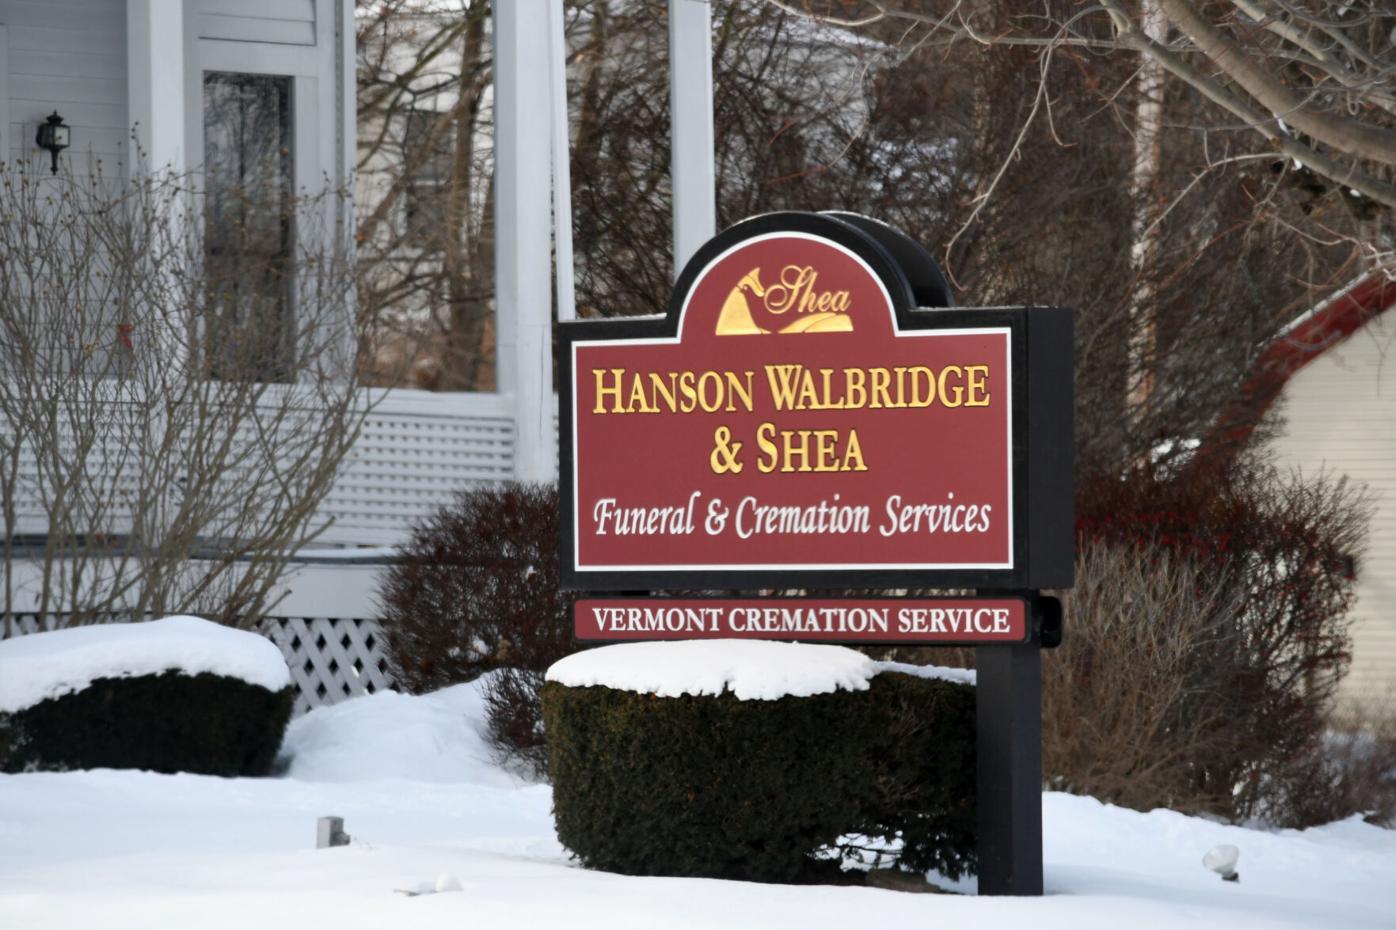 Hanson Walbridge & Shea